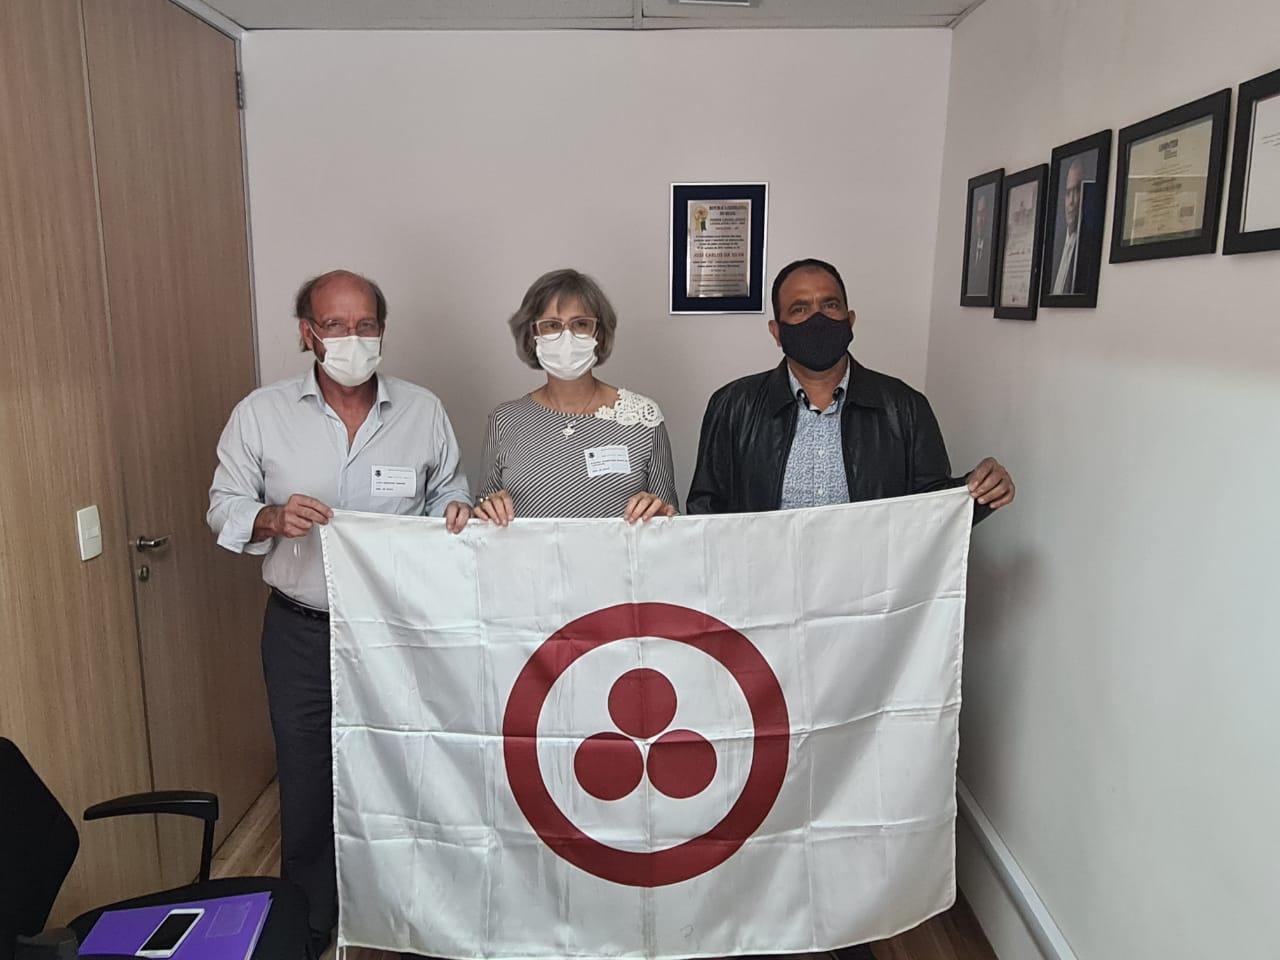 Prof. Lino, Sra. Karina (Porta voz do PROJETO BANDEIRA DA PAZ em Paulínia) e o Sr. José Carlos Coco, vereador de Paulínia.